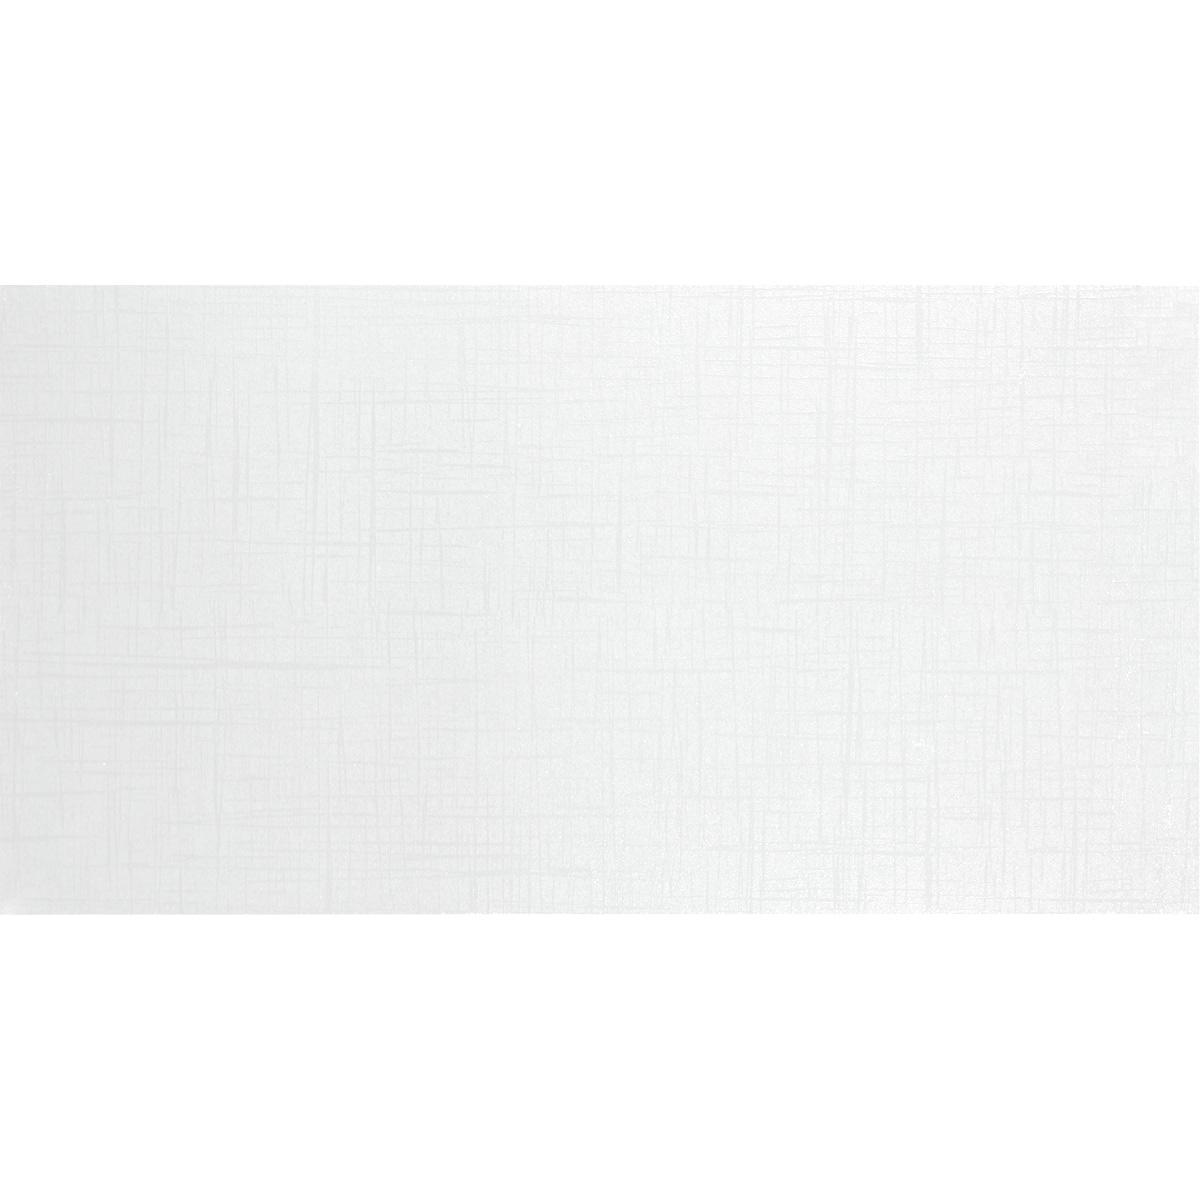 T10236 MILANO WHITE 12X24 P1